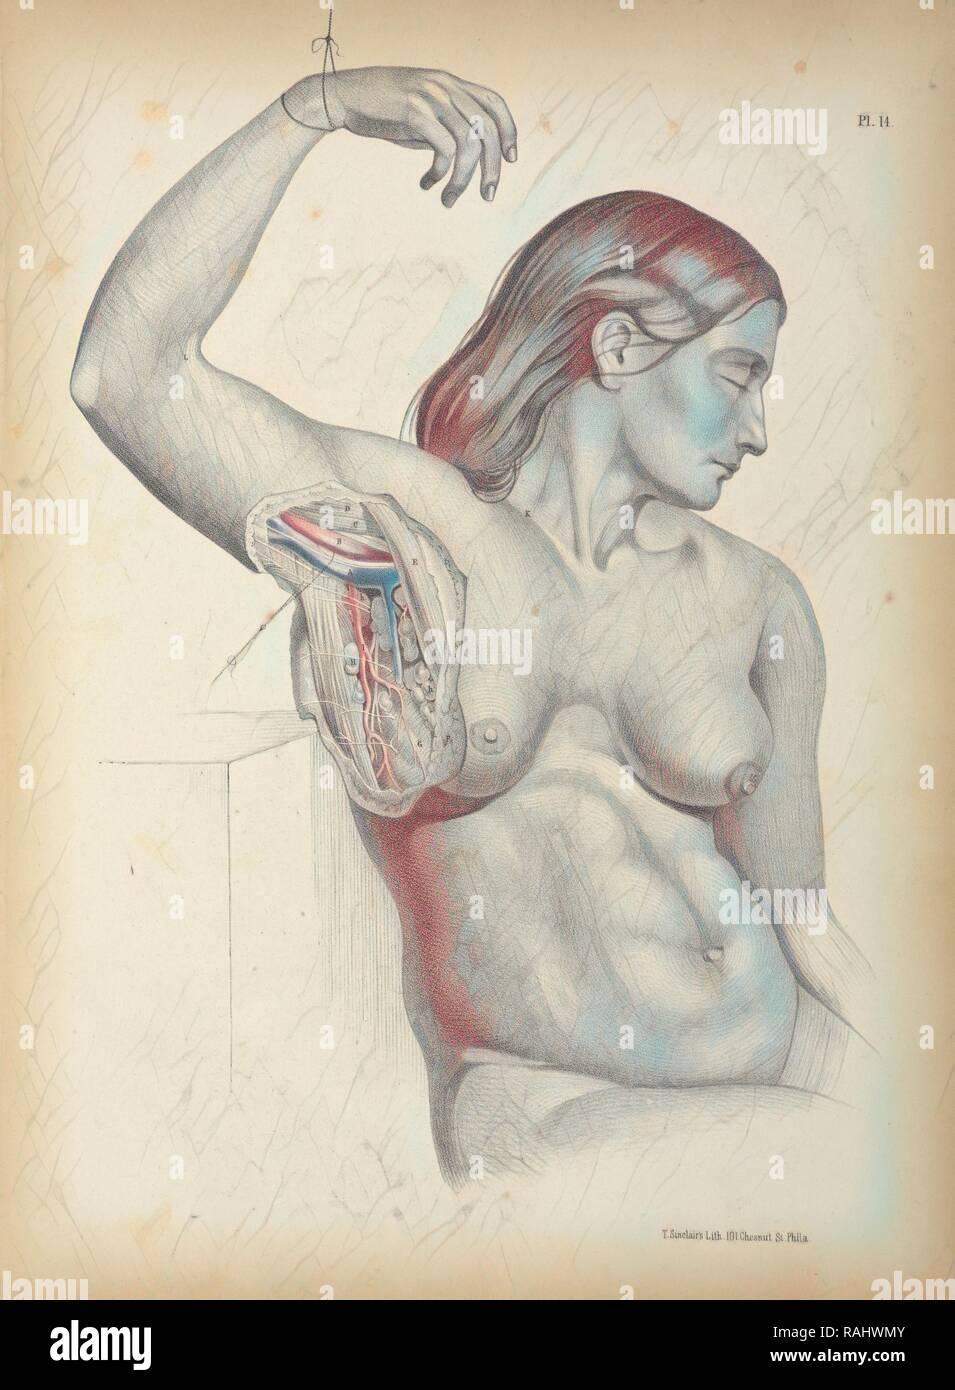 Pl. 14, anatomia chirurgica, Maclise, Giuseppe, litografia, 1851, litografia colorata. Maclise è autore e reinventato Immagini Stock